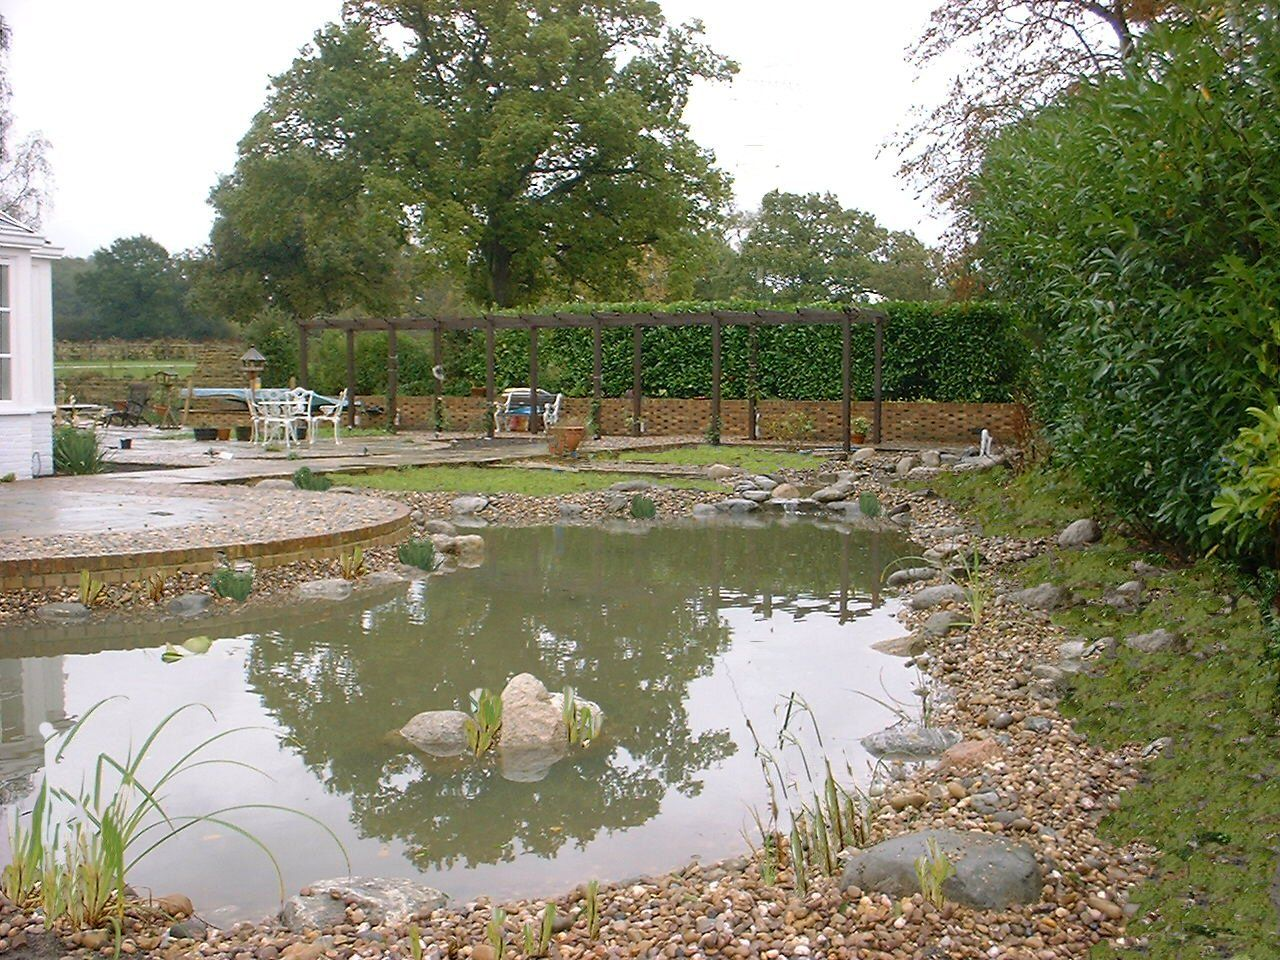 Pond edging to provide marginal planting dream home for Pond edging ideas